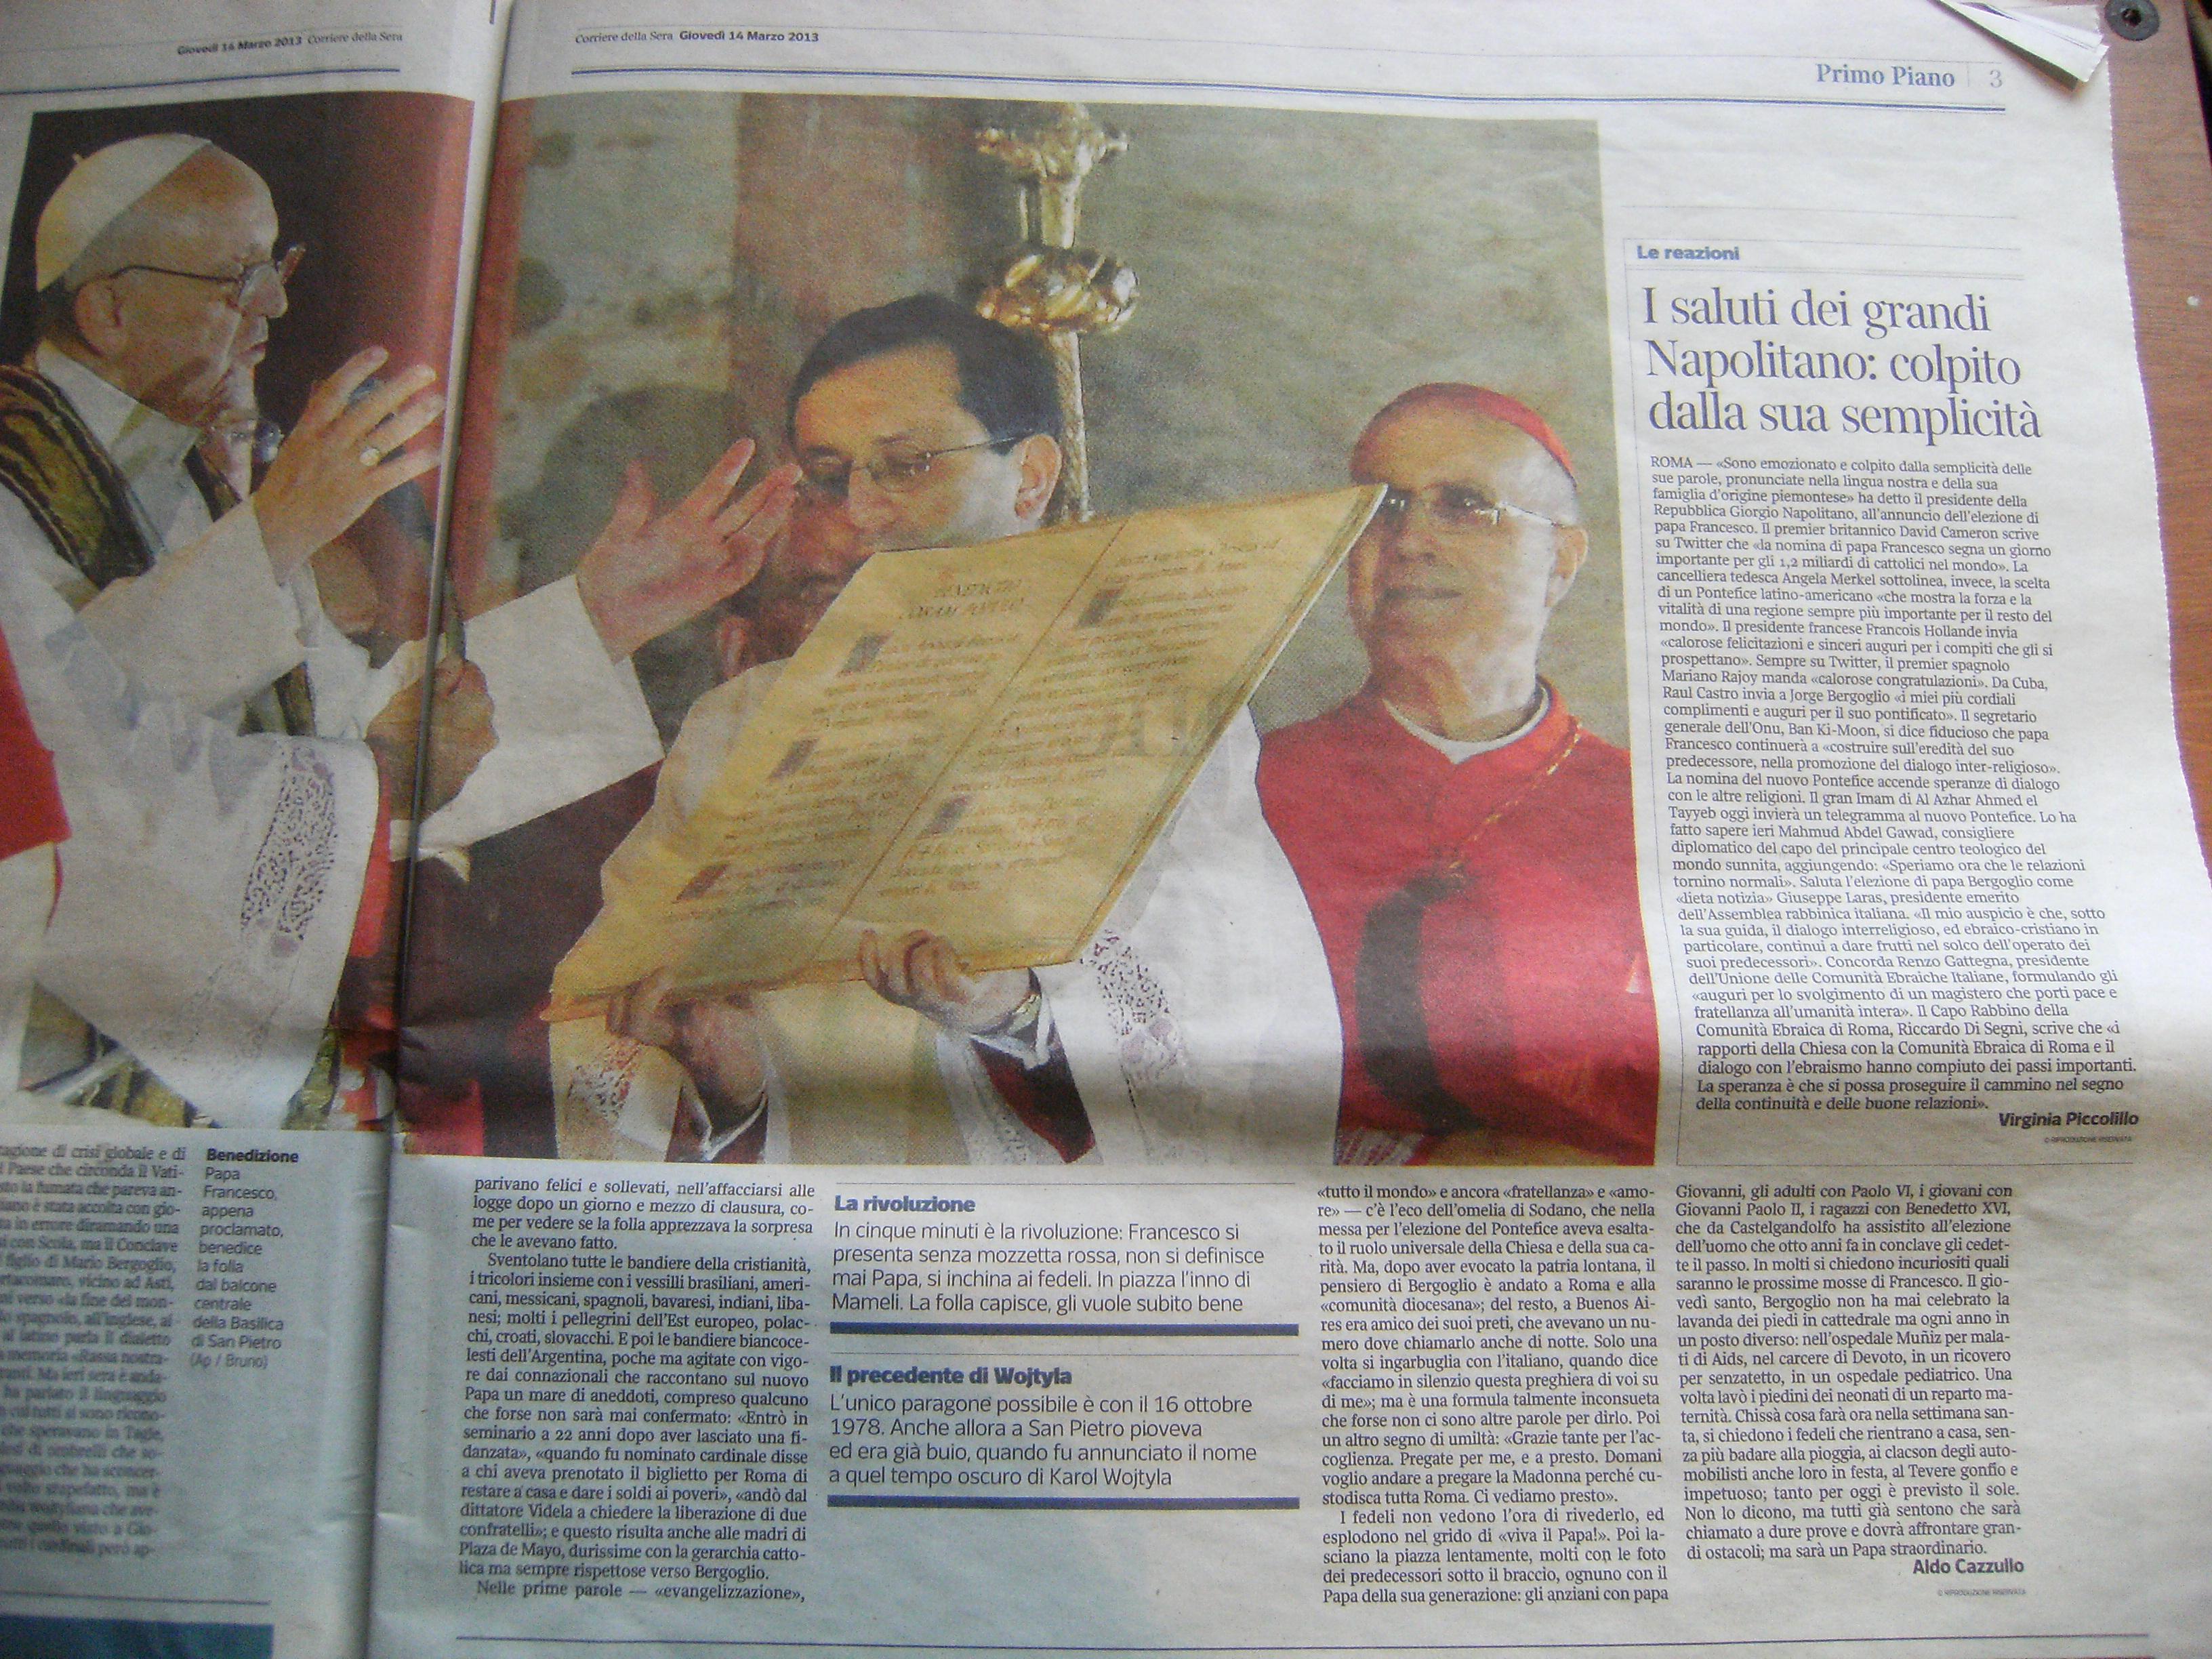 corriere della sera del 14 marzo 2013 pagina 2 pagina 3 pagina 5 pagina 6 pagina 8 pagina 9 pagina 10 pagina 11 pagina 12 pagina 13